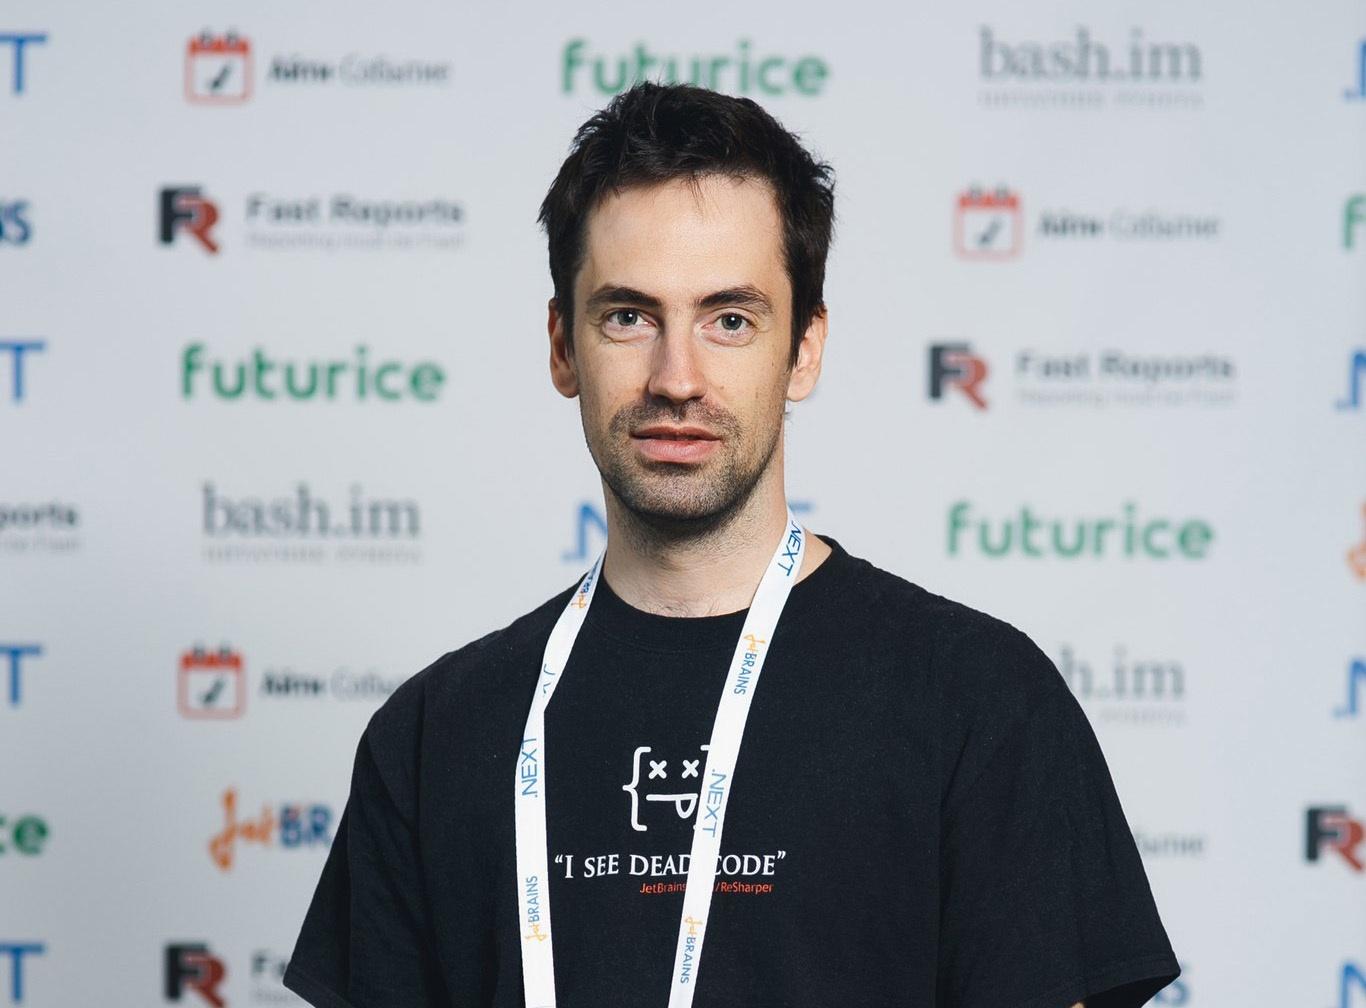 «Roslyn — еще очень сырая технология» — интервью с Сергеем Шкредовым, руководителем .NET-направления в JetBrains - 3